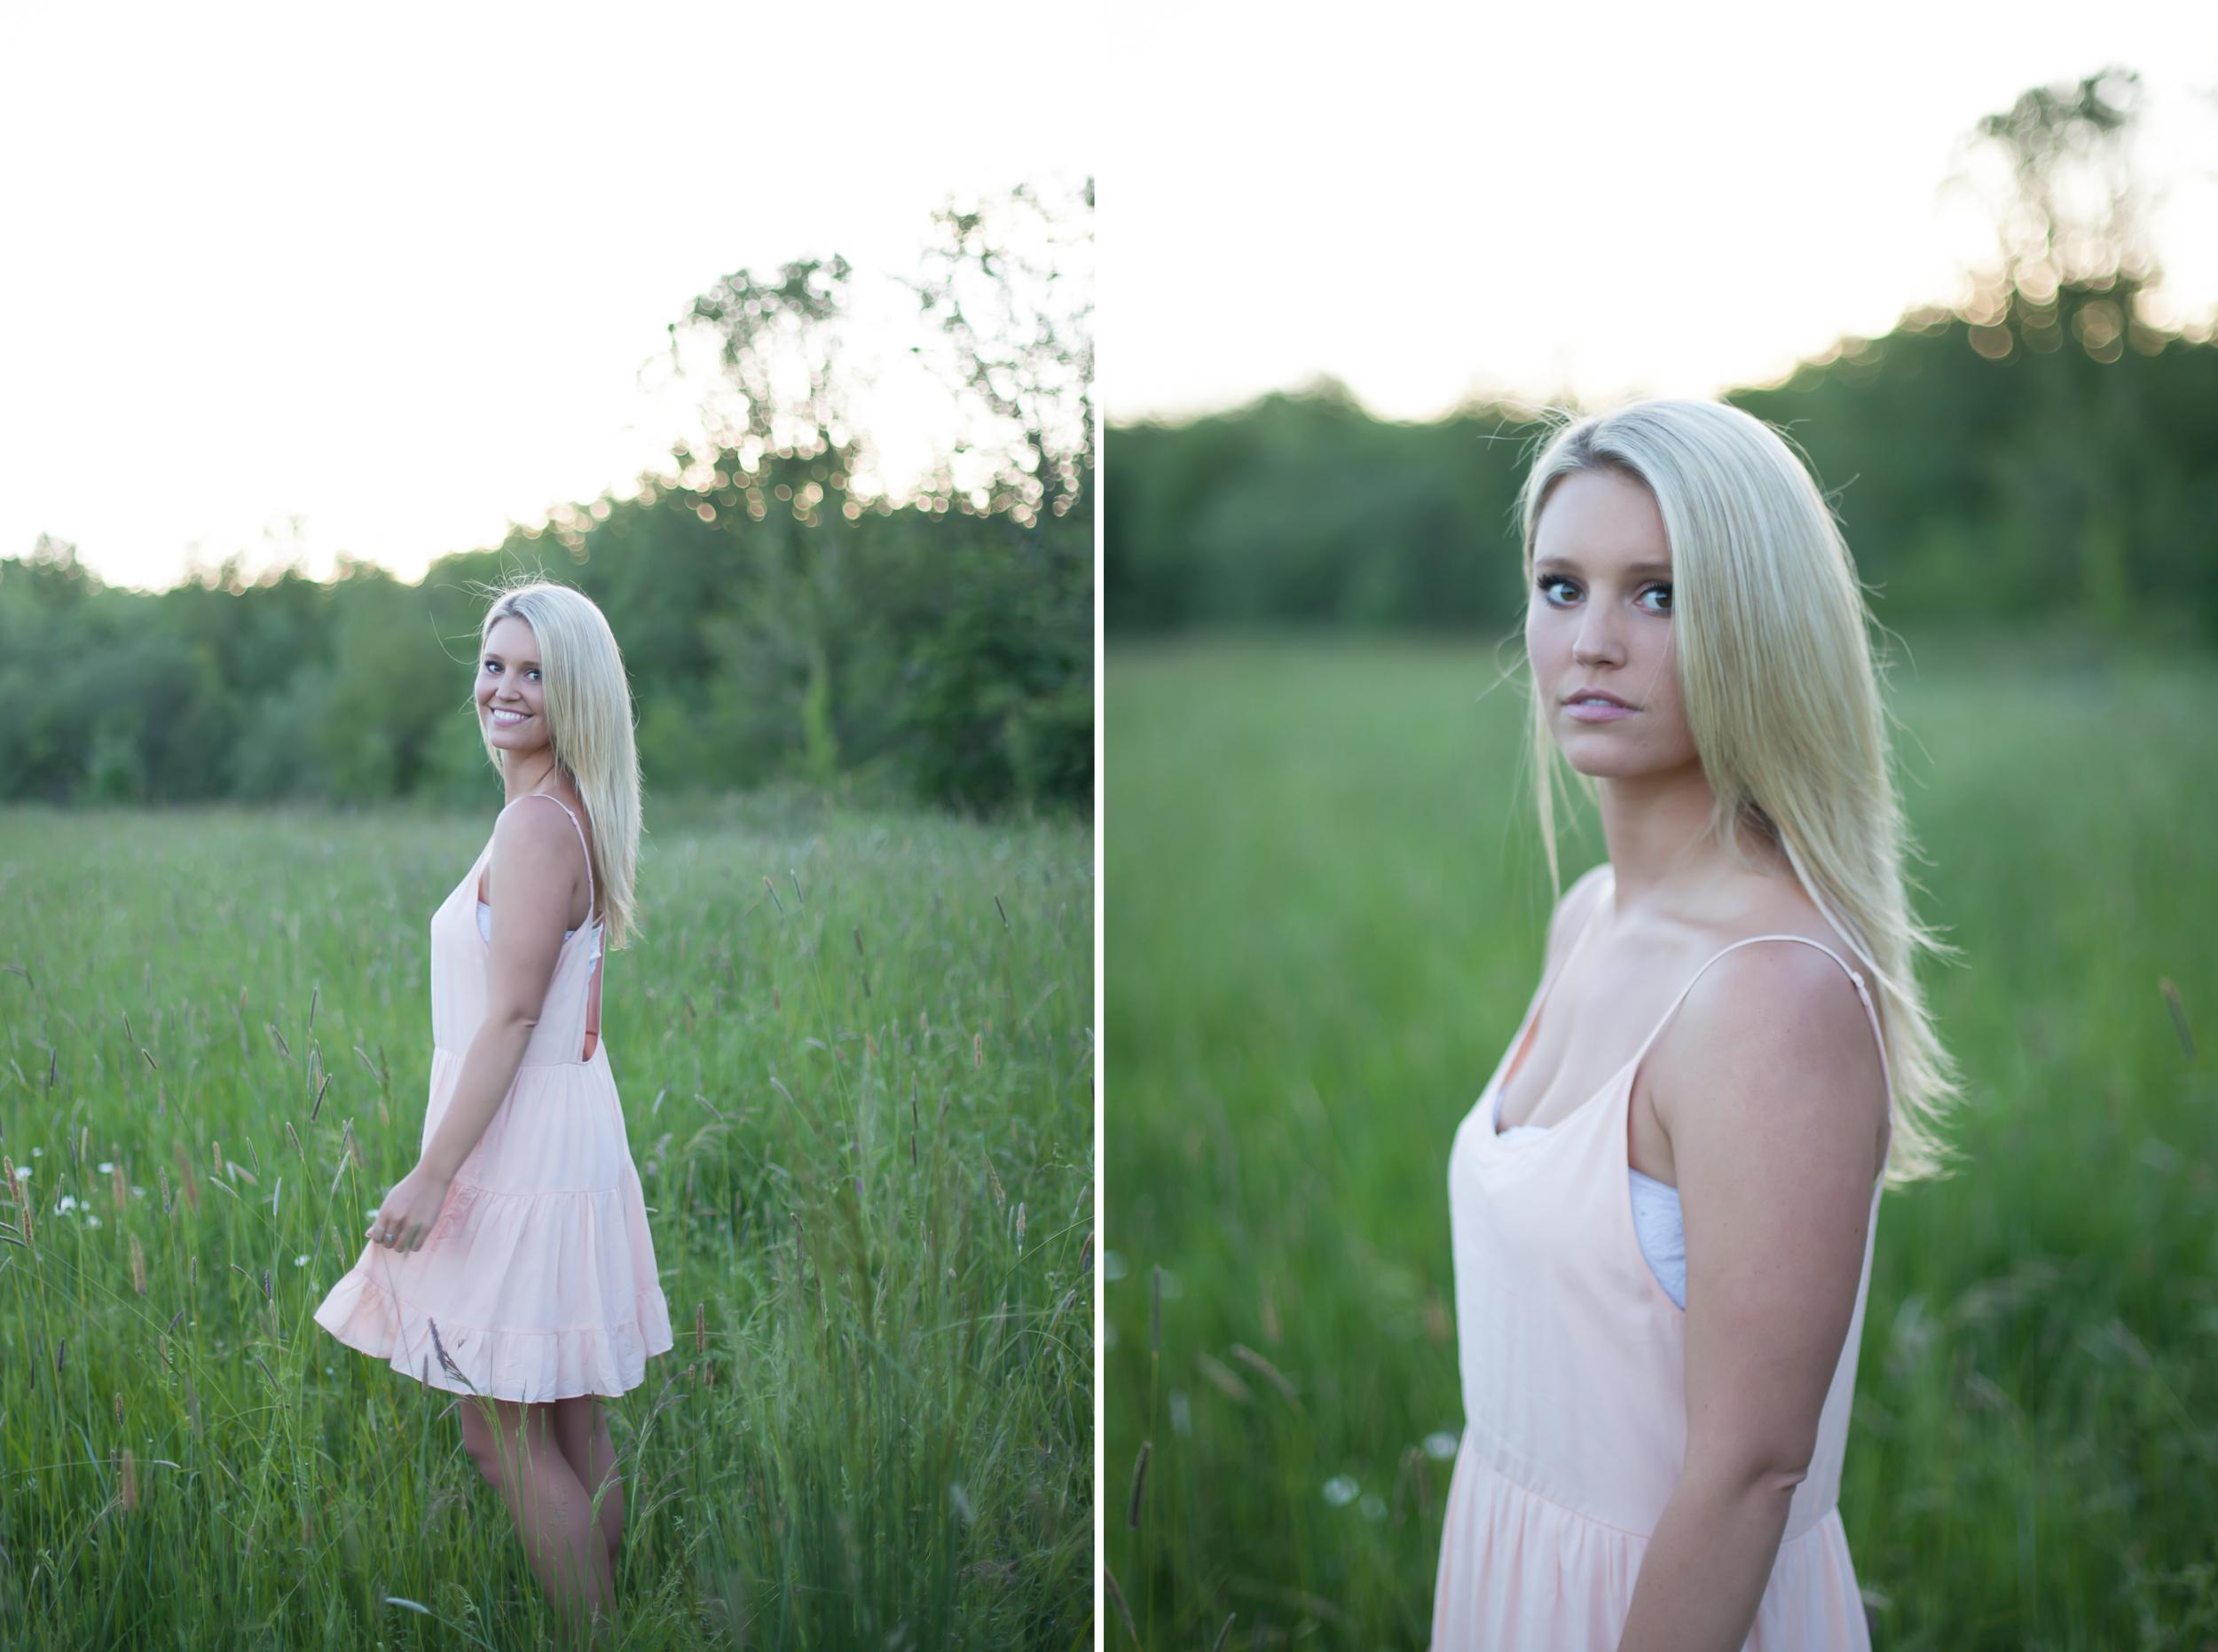 olivia_ashton_photography_kelsey2